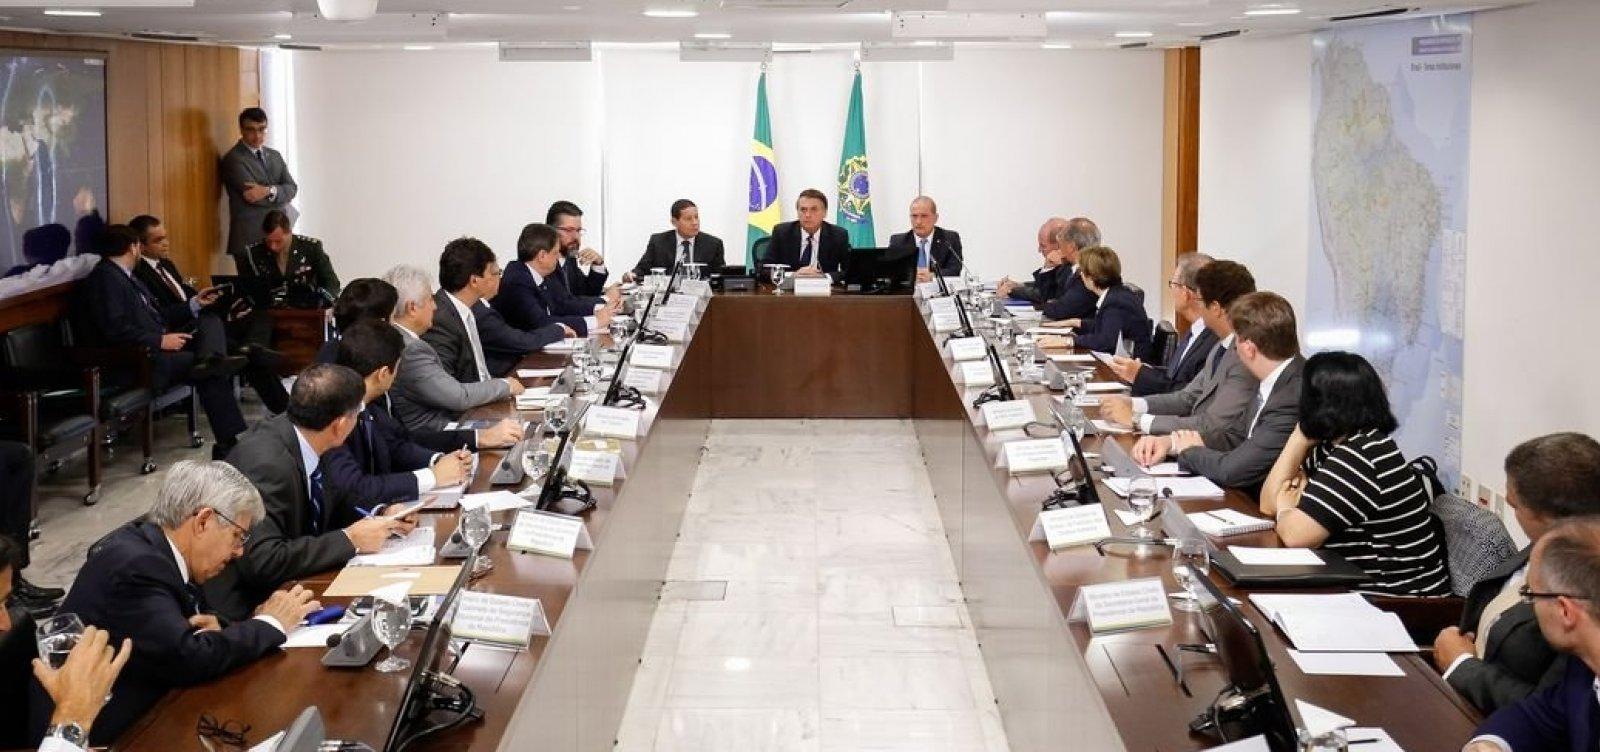 ['Querem f* minha família', afirma Bolsonaro em reunião sobre troca na PF]